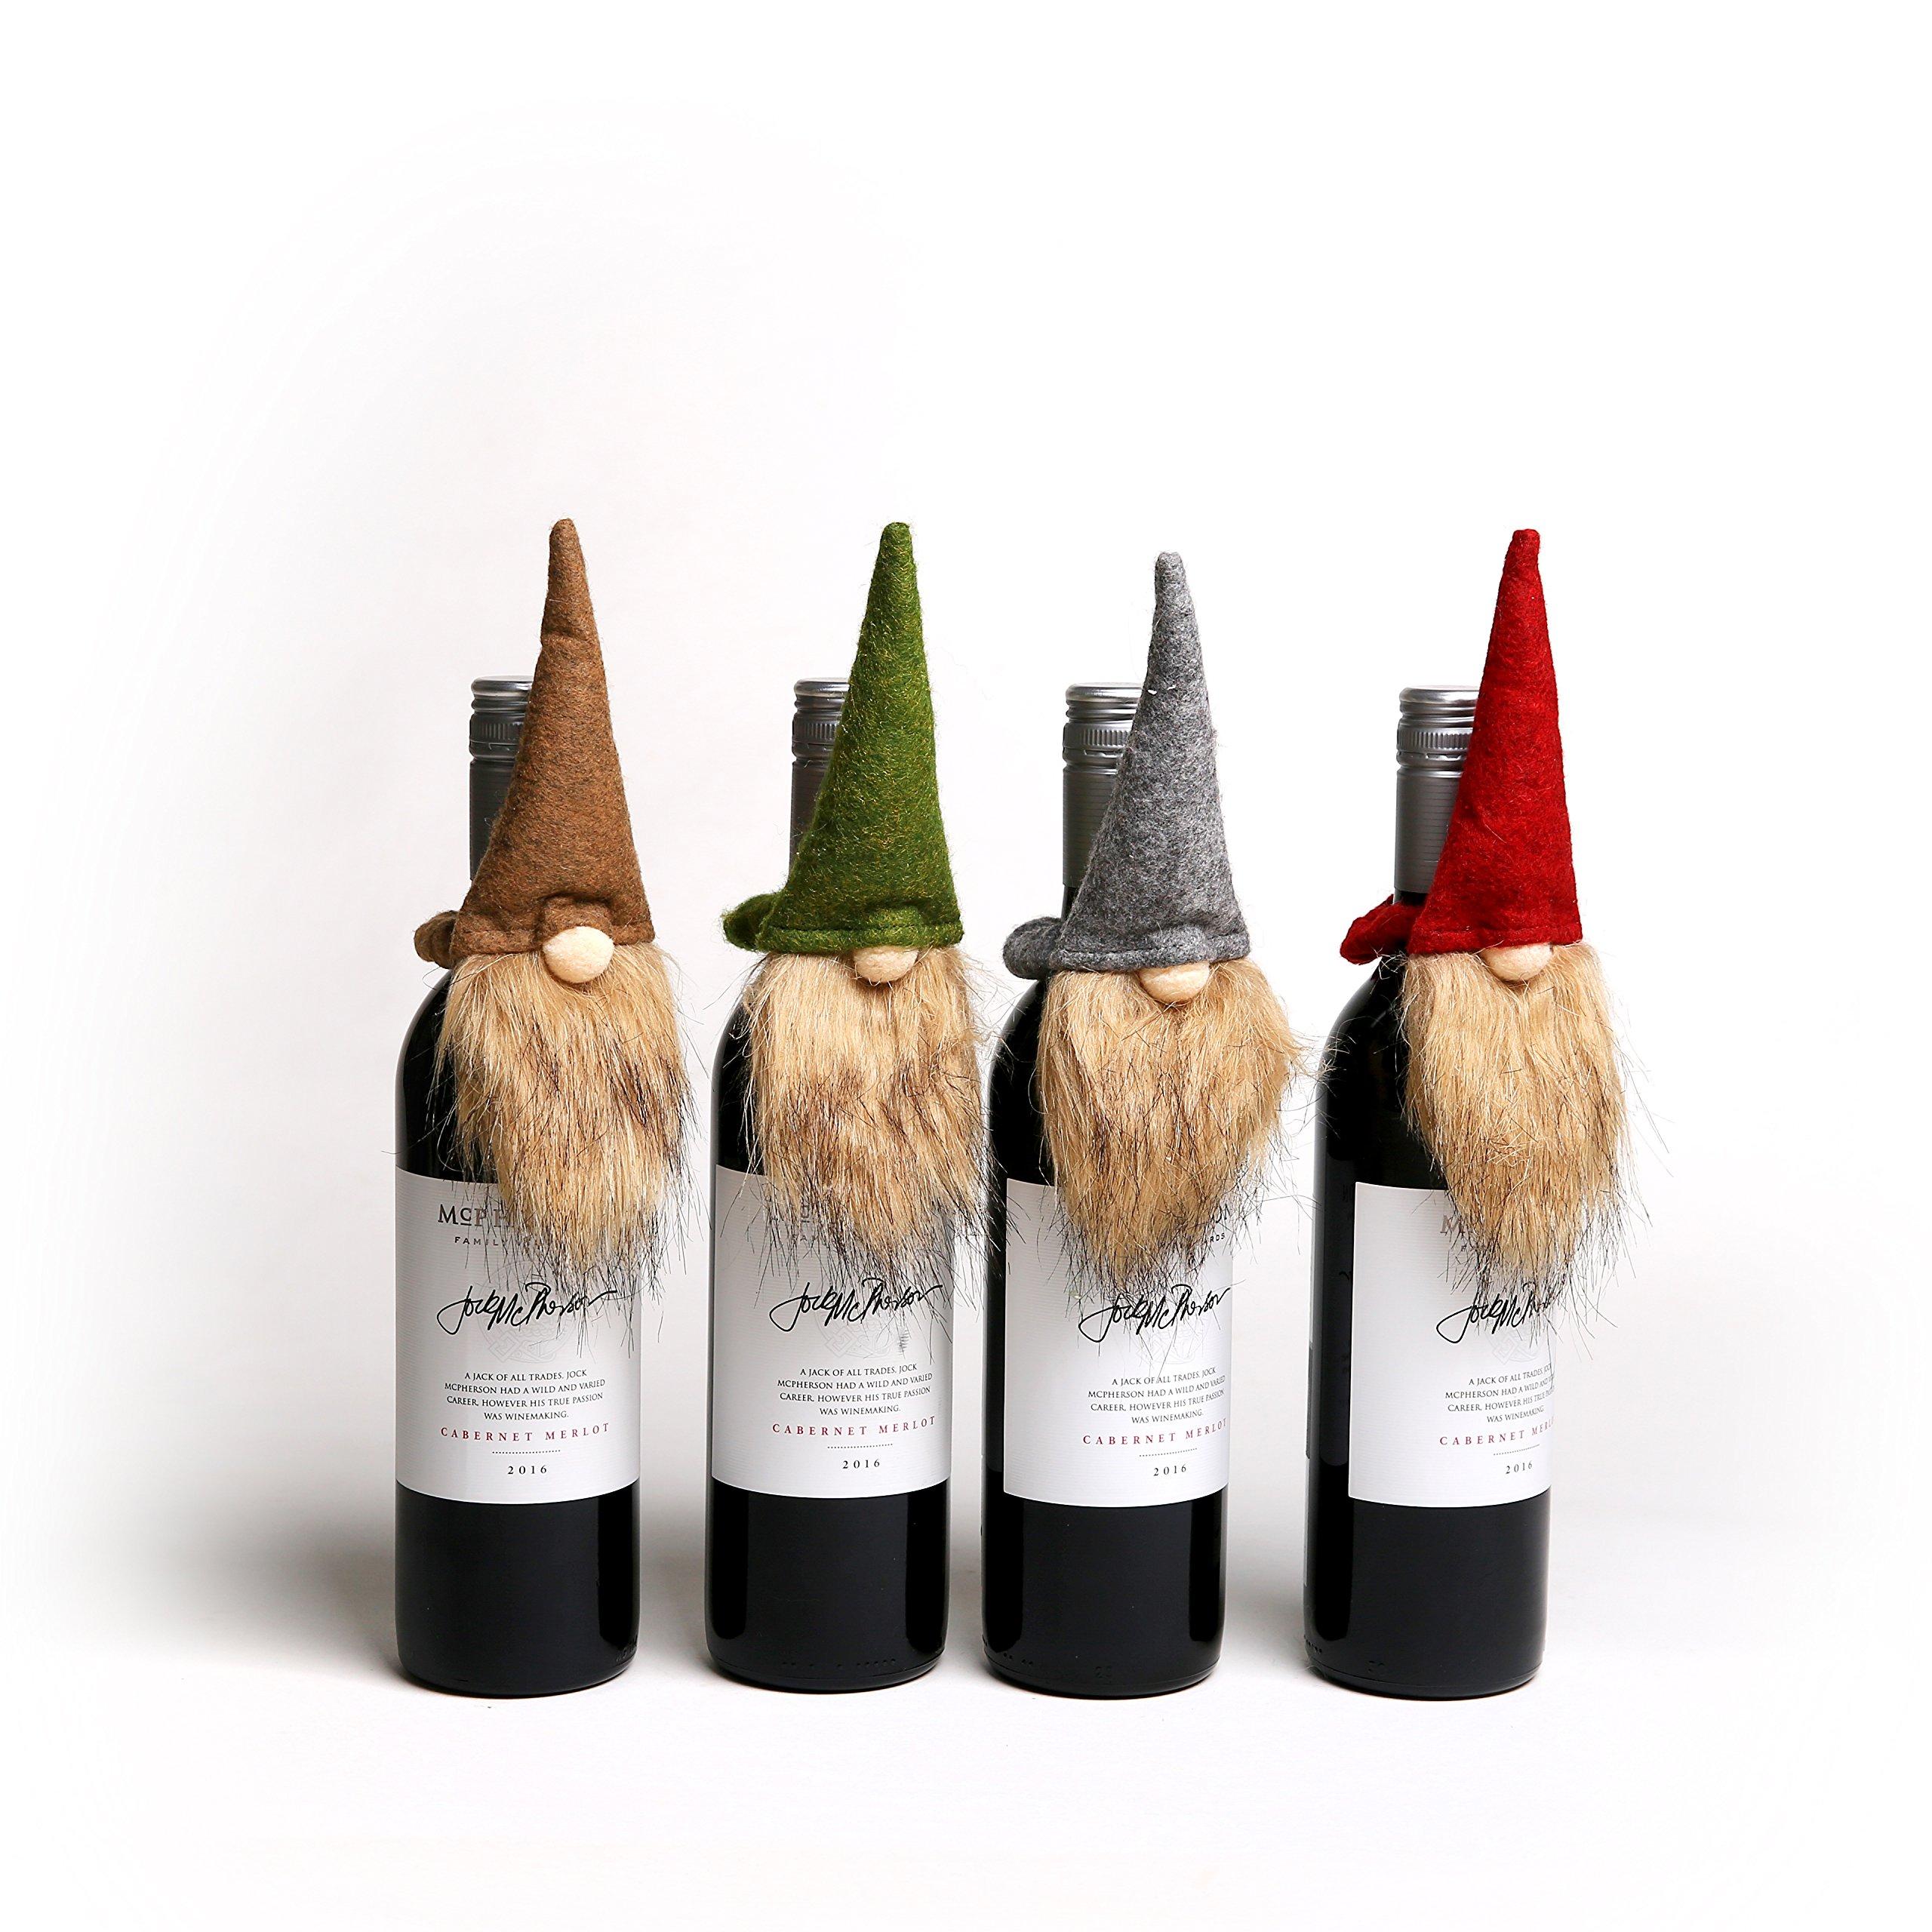 Handmade Swedish Tomte Bottle Topper, Mini Gnome Wine Bottle Topper for Home Holiday Decoration, Hostess/Housewarming Gift, Party/Wedding Favor Bottle Decor, 4 Packs